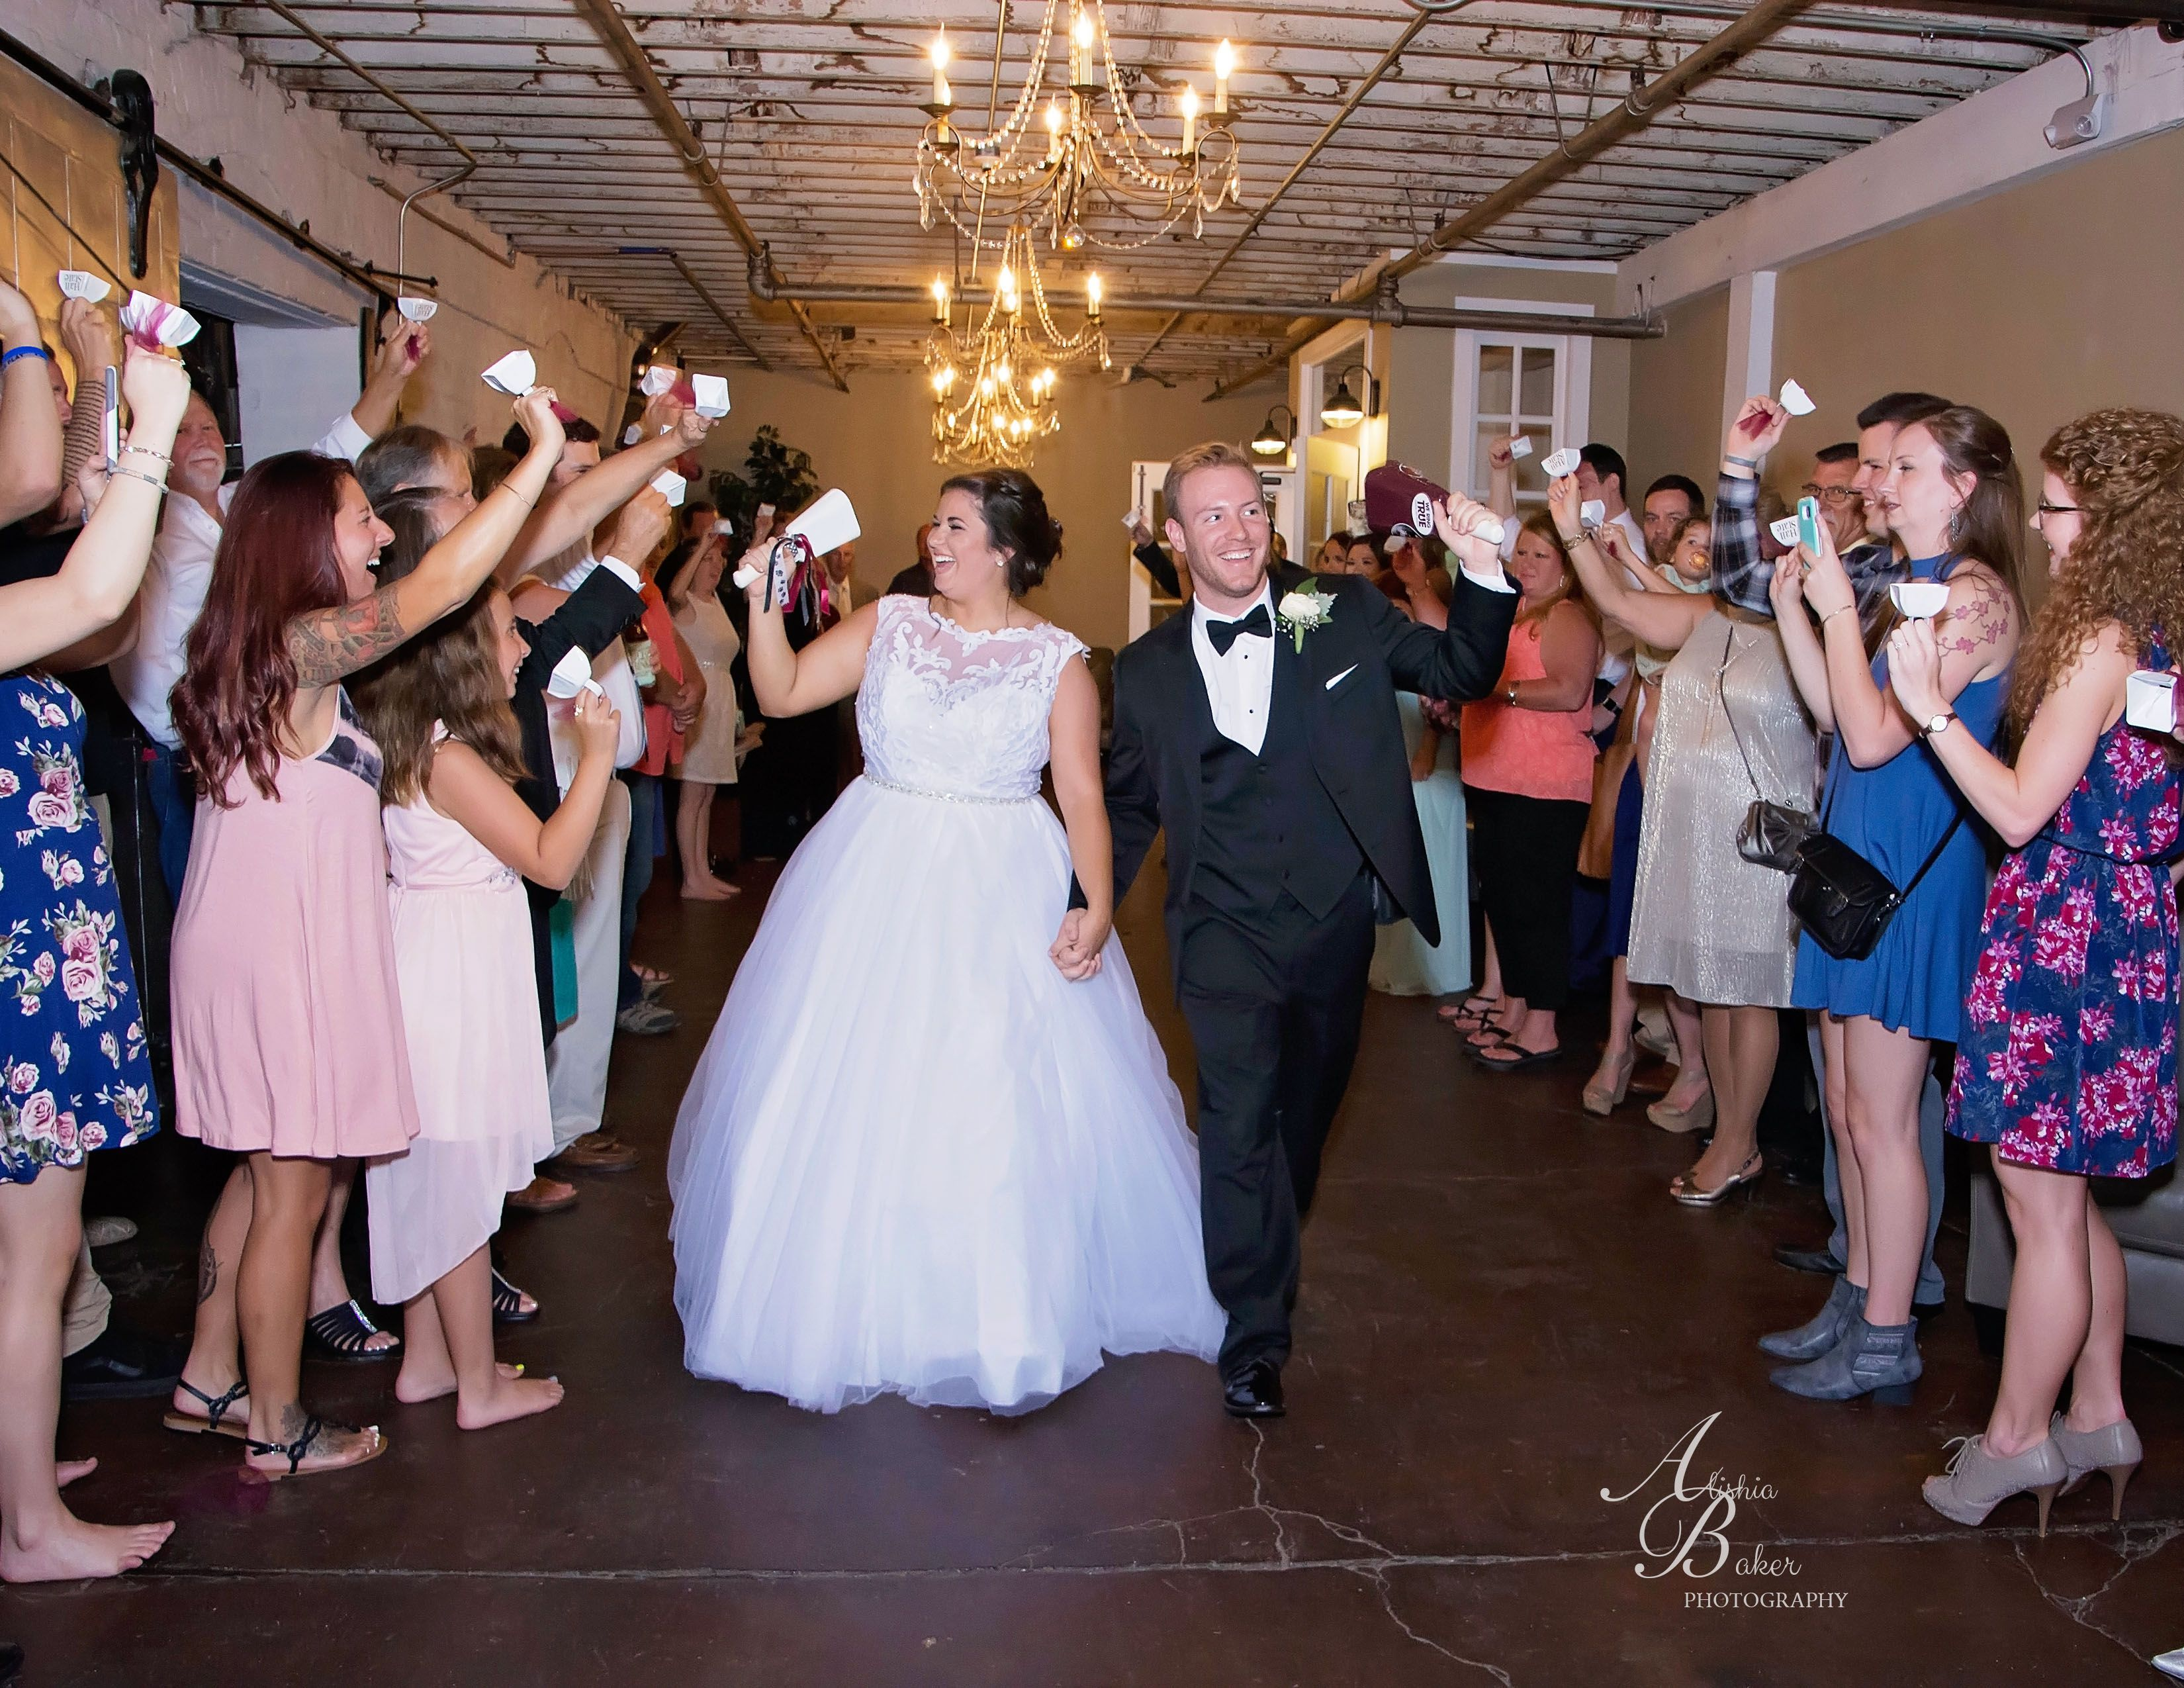 Alishia Baker Photography Wedding Photography Ms Wedding Venue The Ice House Warehouse Jackson Ms We Mississippi Wedding Wedding Dresses Fashion Photo